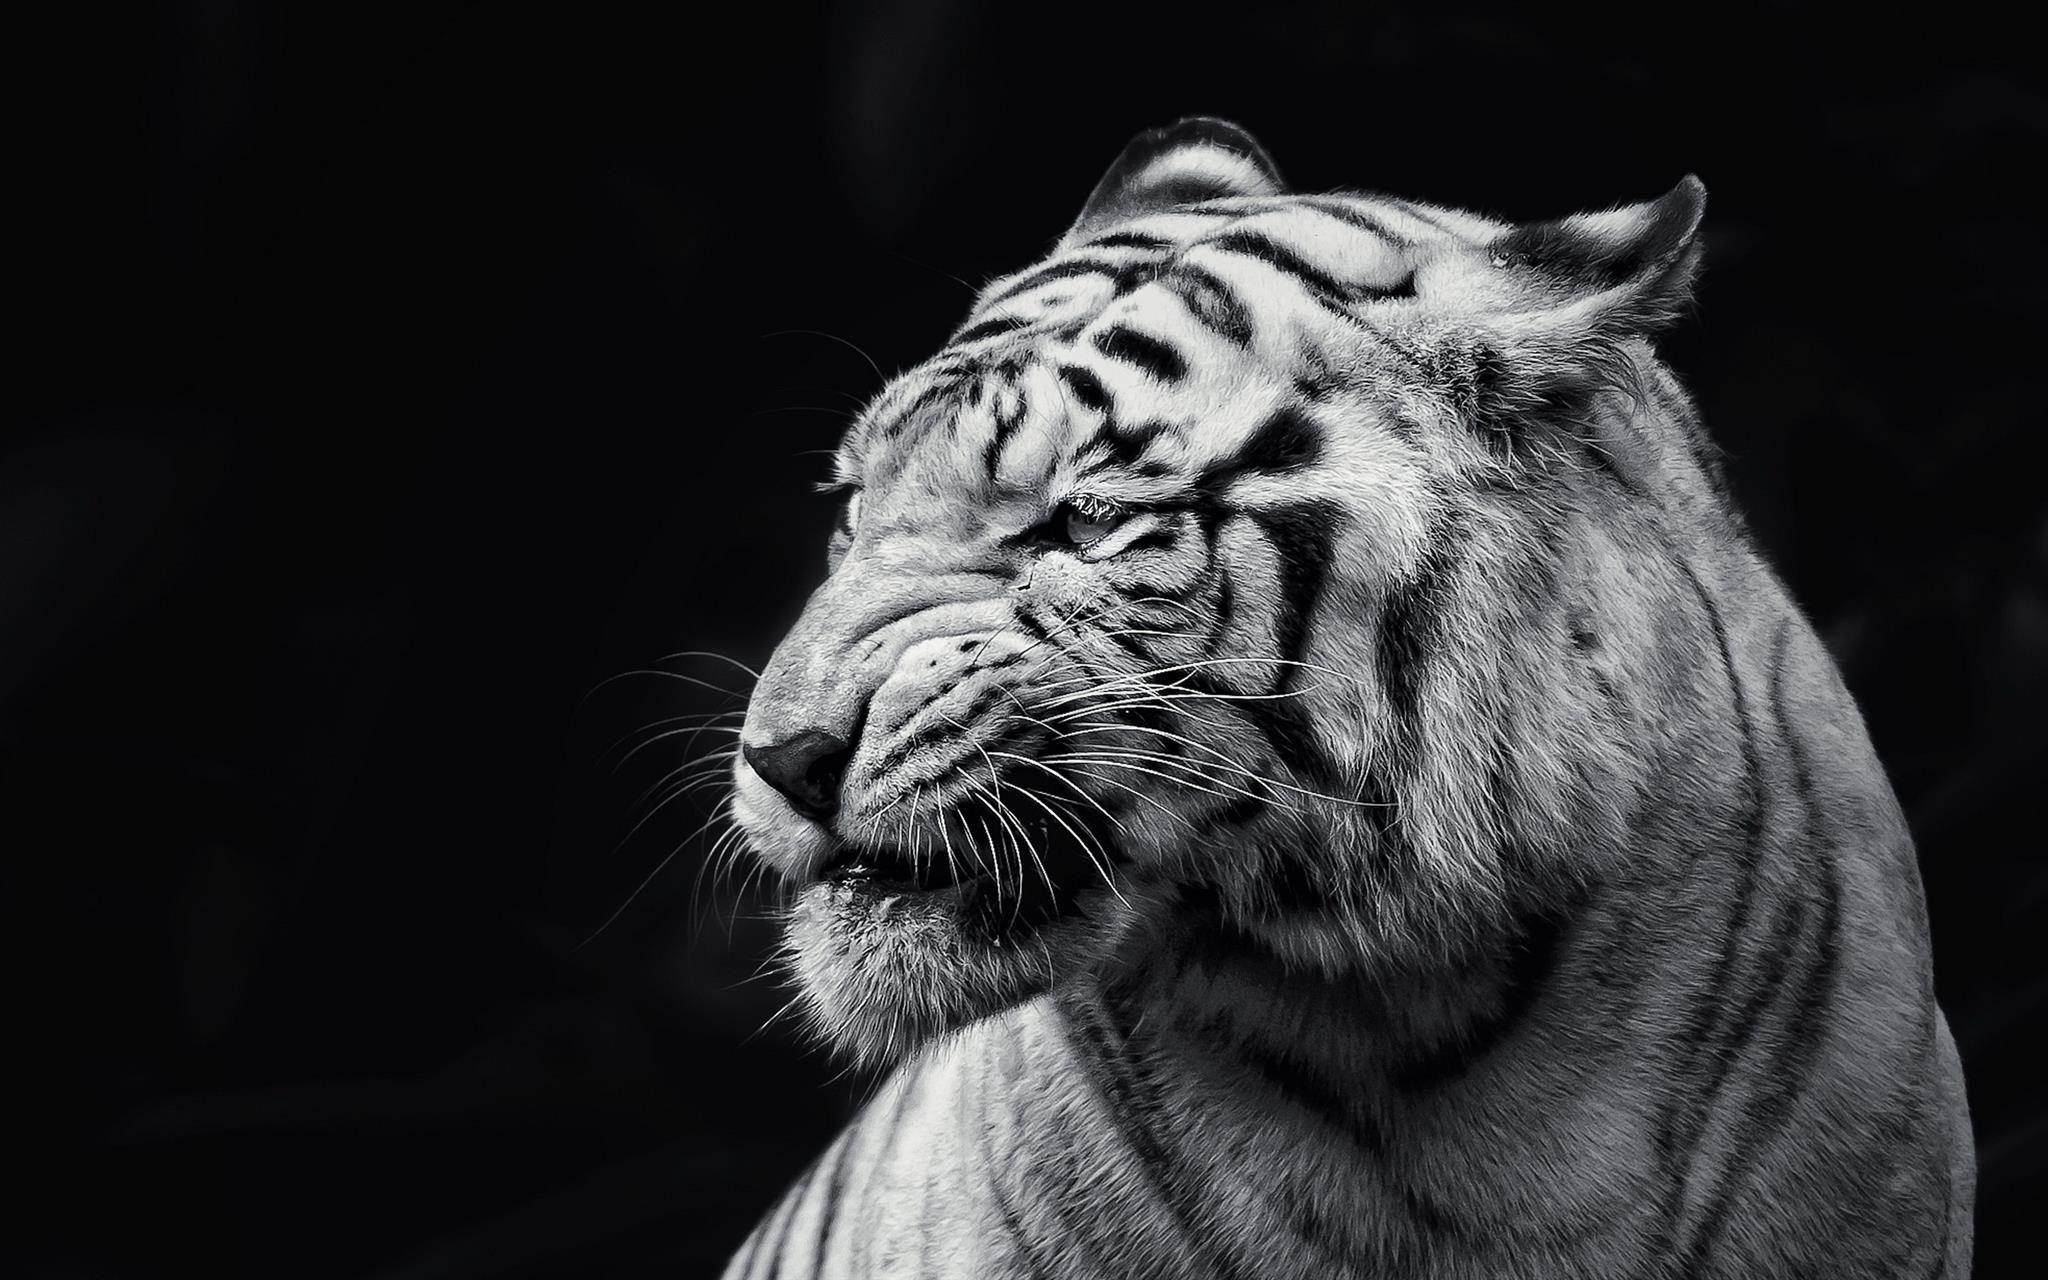 Wallpapers Macbook Pro Pesquisa Google Tiger Wallpaper Animals Animal Wallpaper